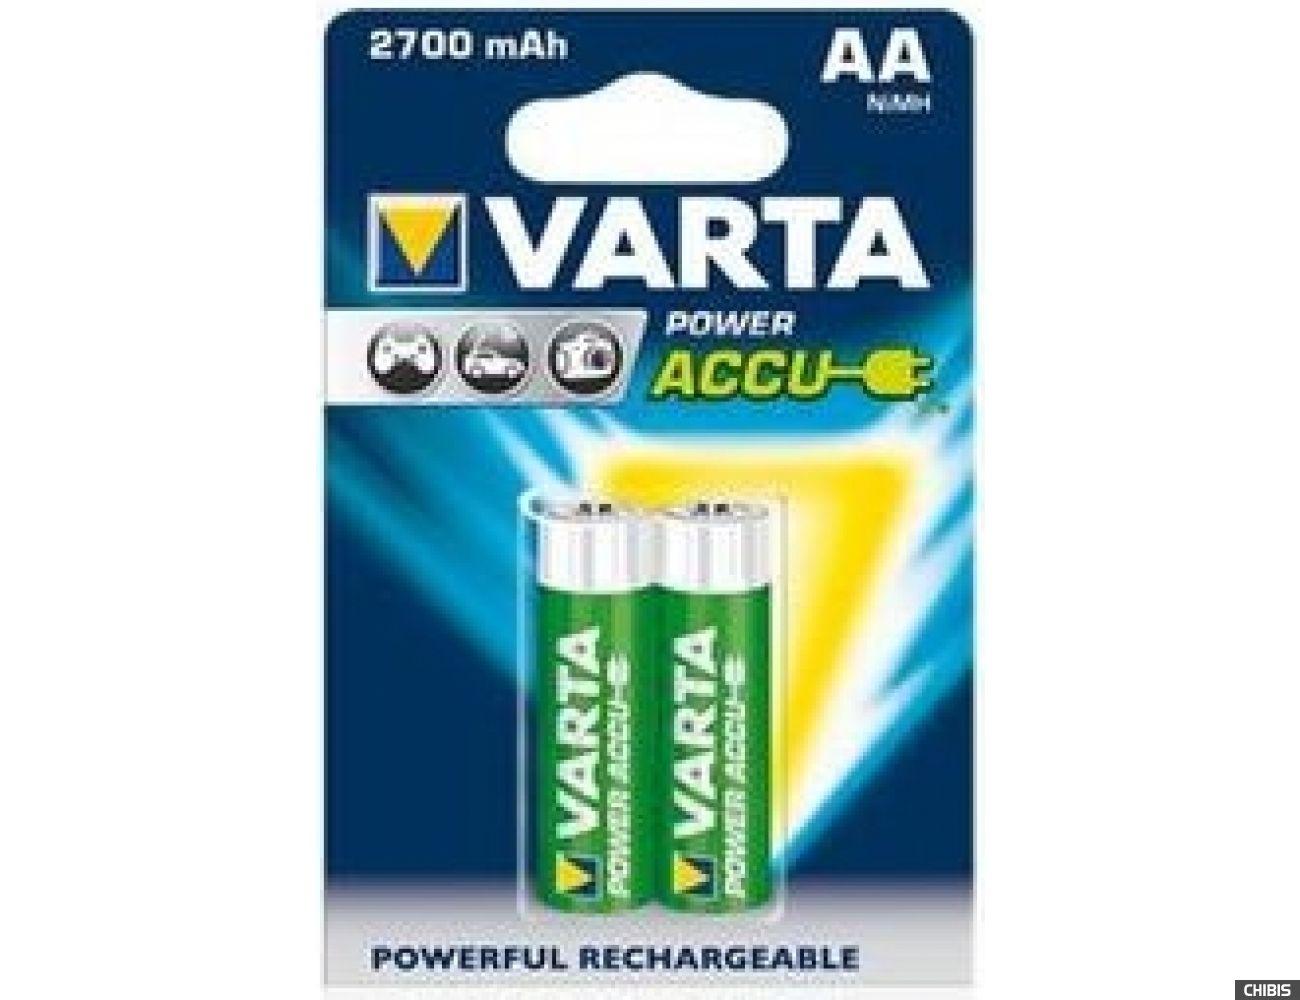 Аккумуляторные батарейки АА Varta 2700 mAh Power HR6 Ni-MH 2/2 шт. 56766101402